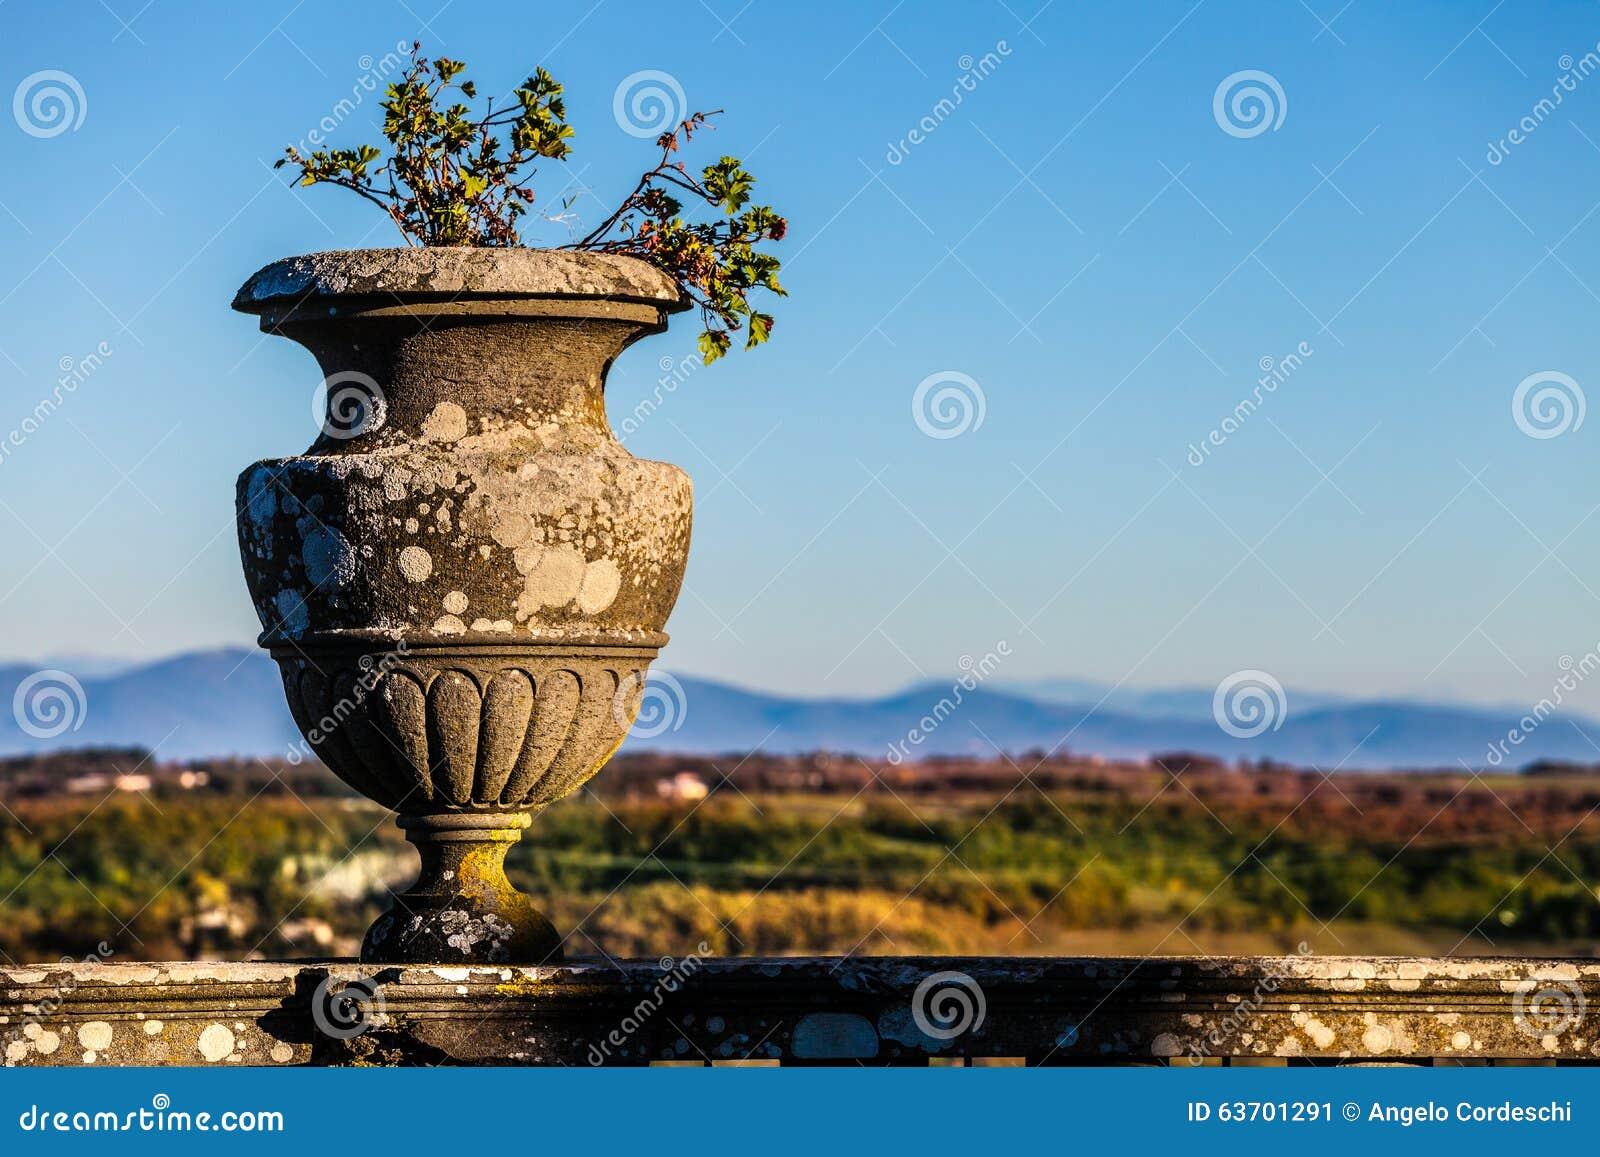 Antik tappningvas, utomhus- naturligt landskap och himmel